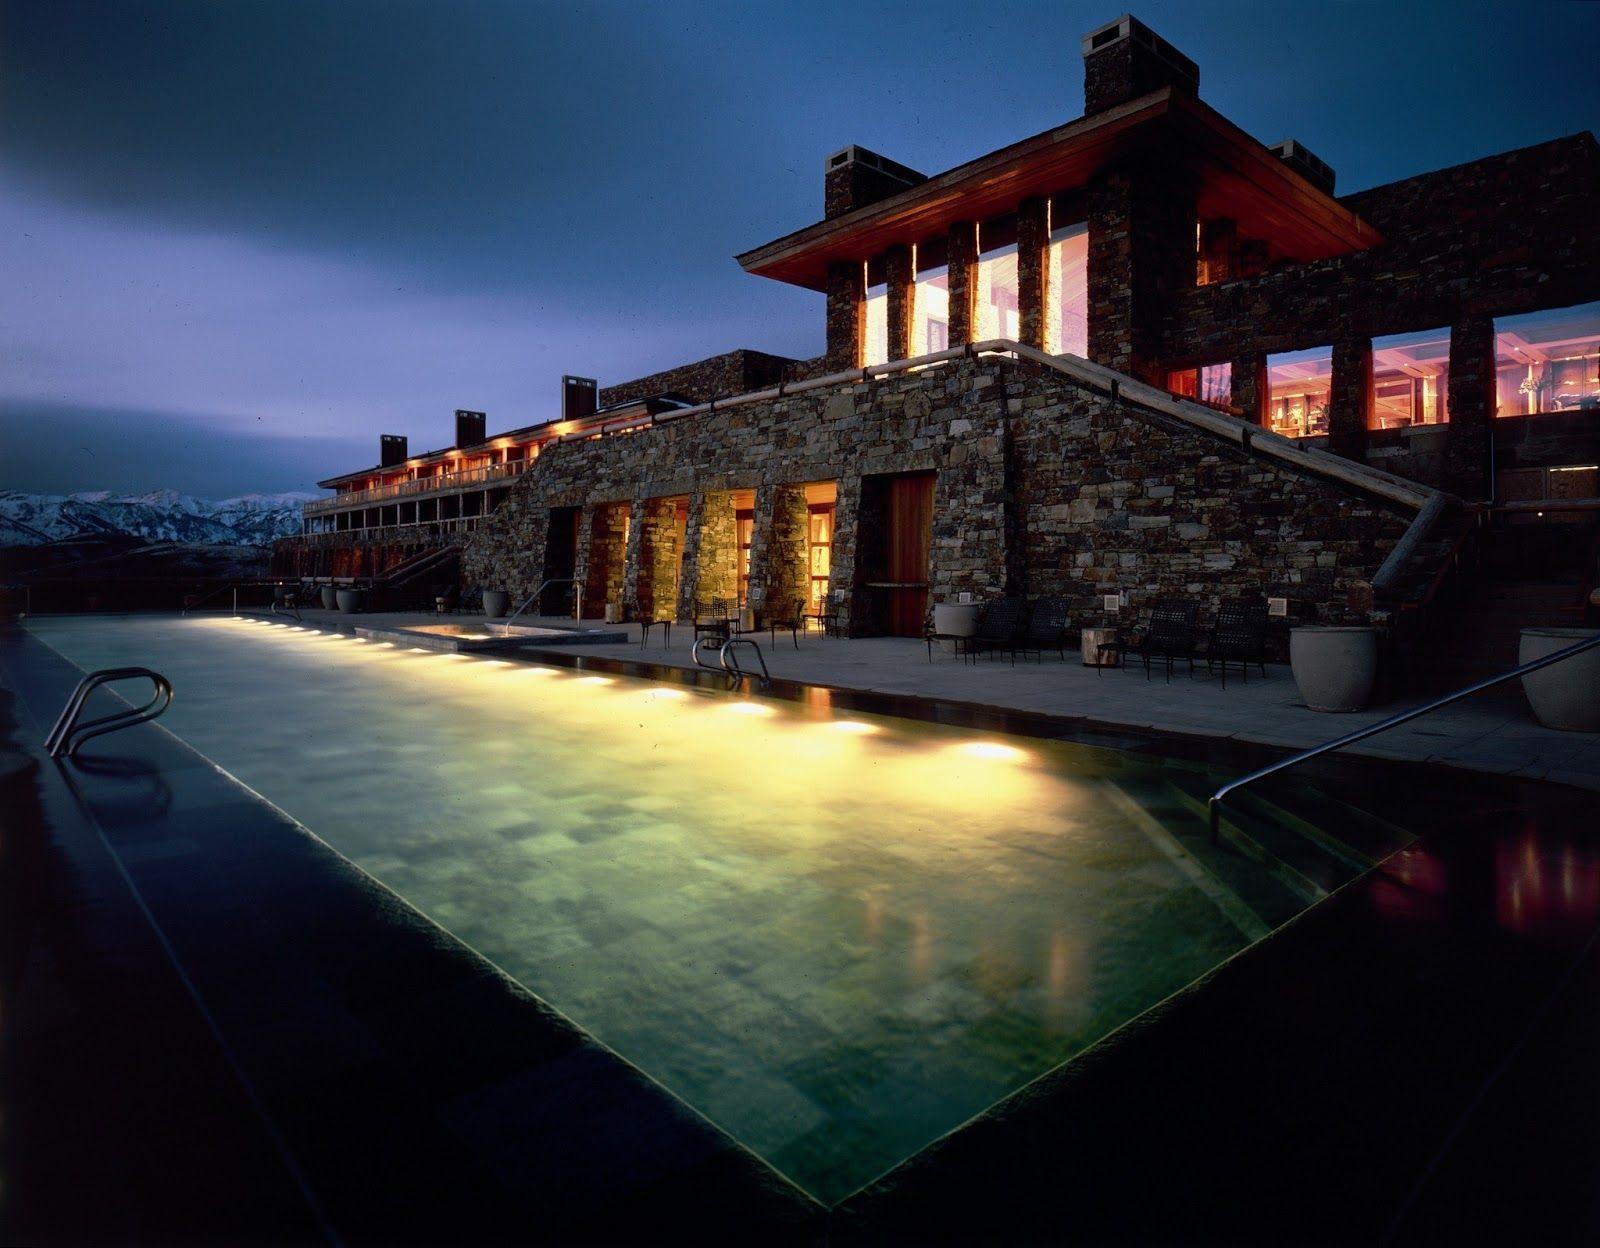 L'hôtel Amangani, le premier des Aman resorts aux États-Unis, est juché sur la crête de la Butte East Gros Ventre, à 2135 mètres au-dessus...